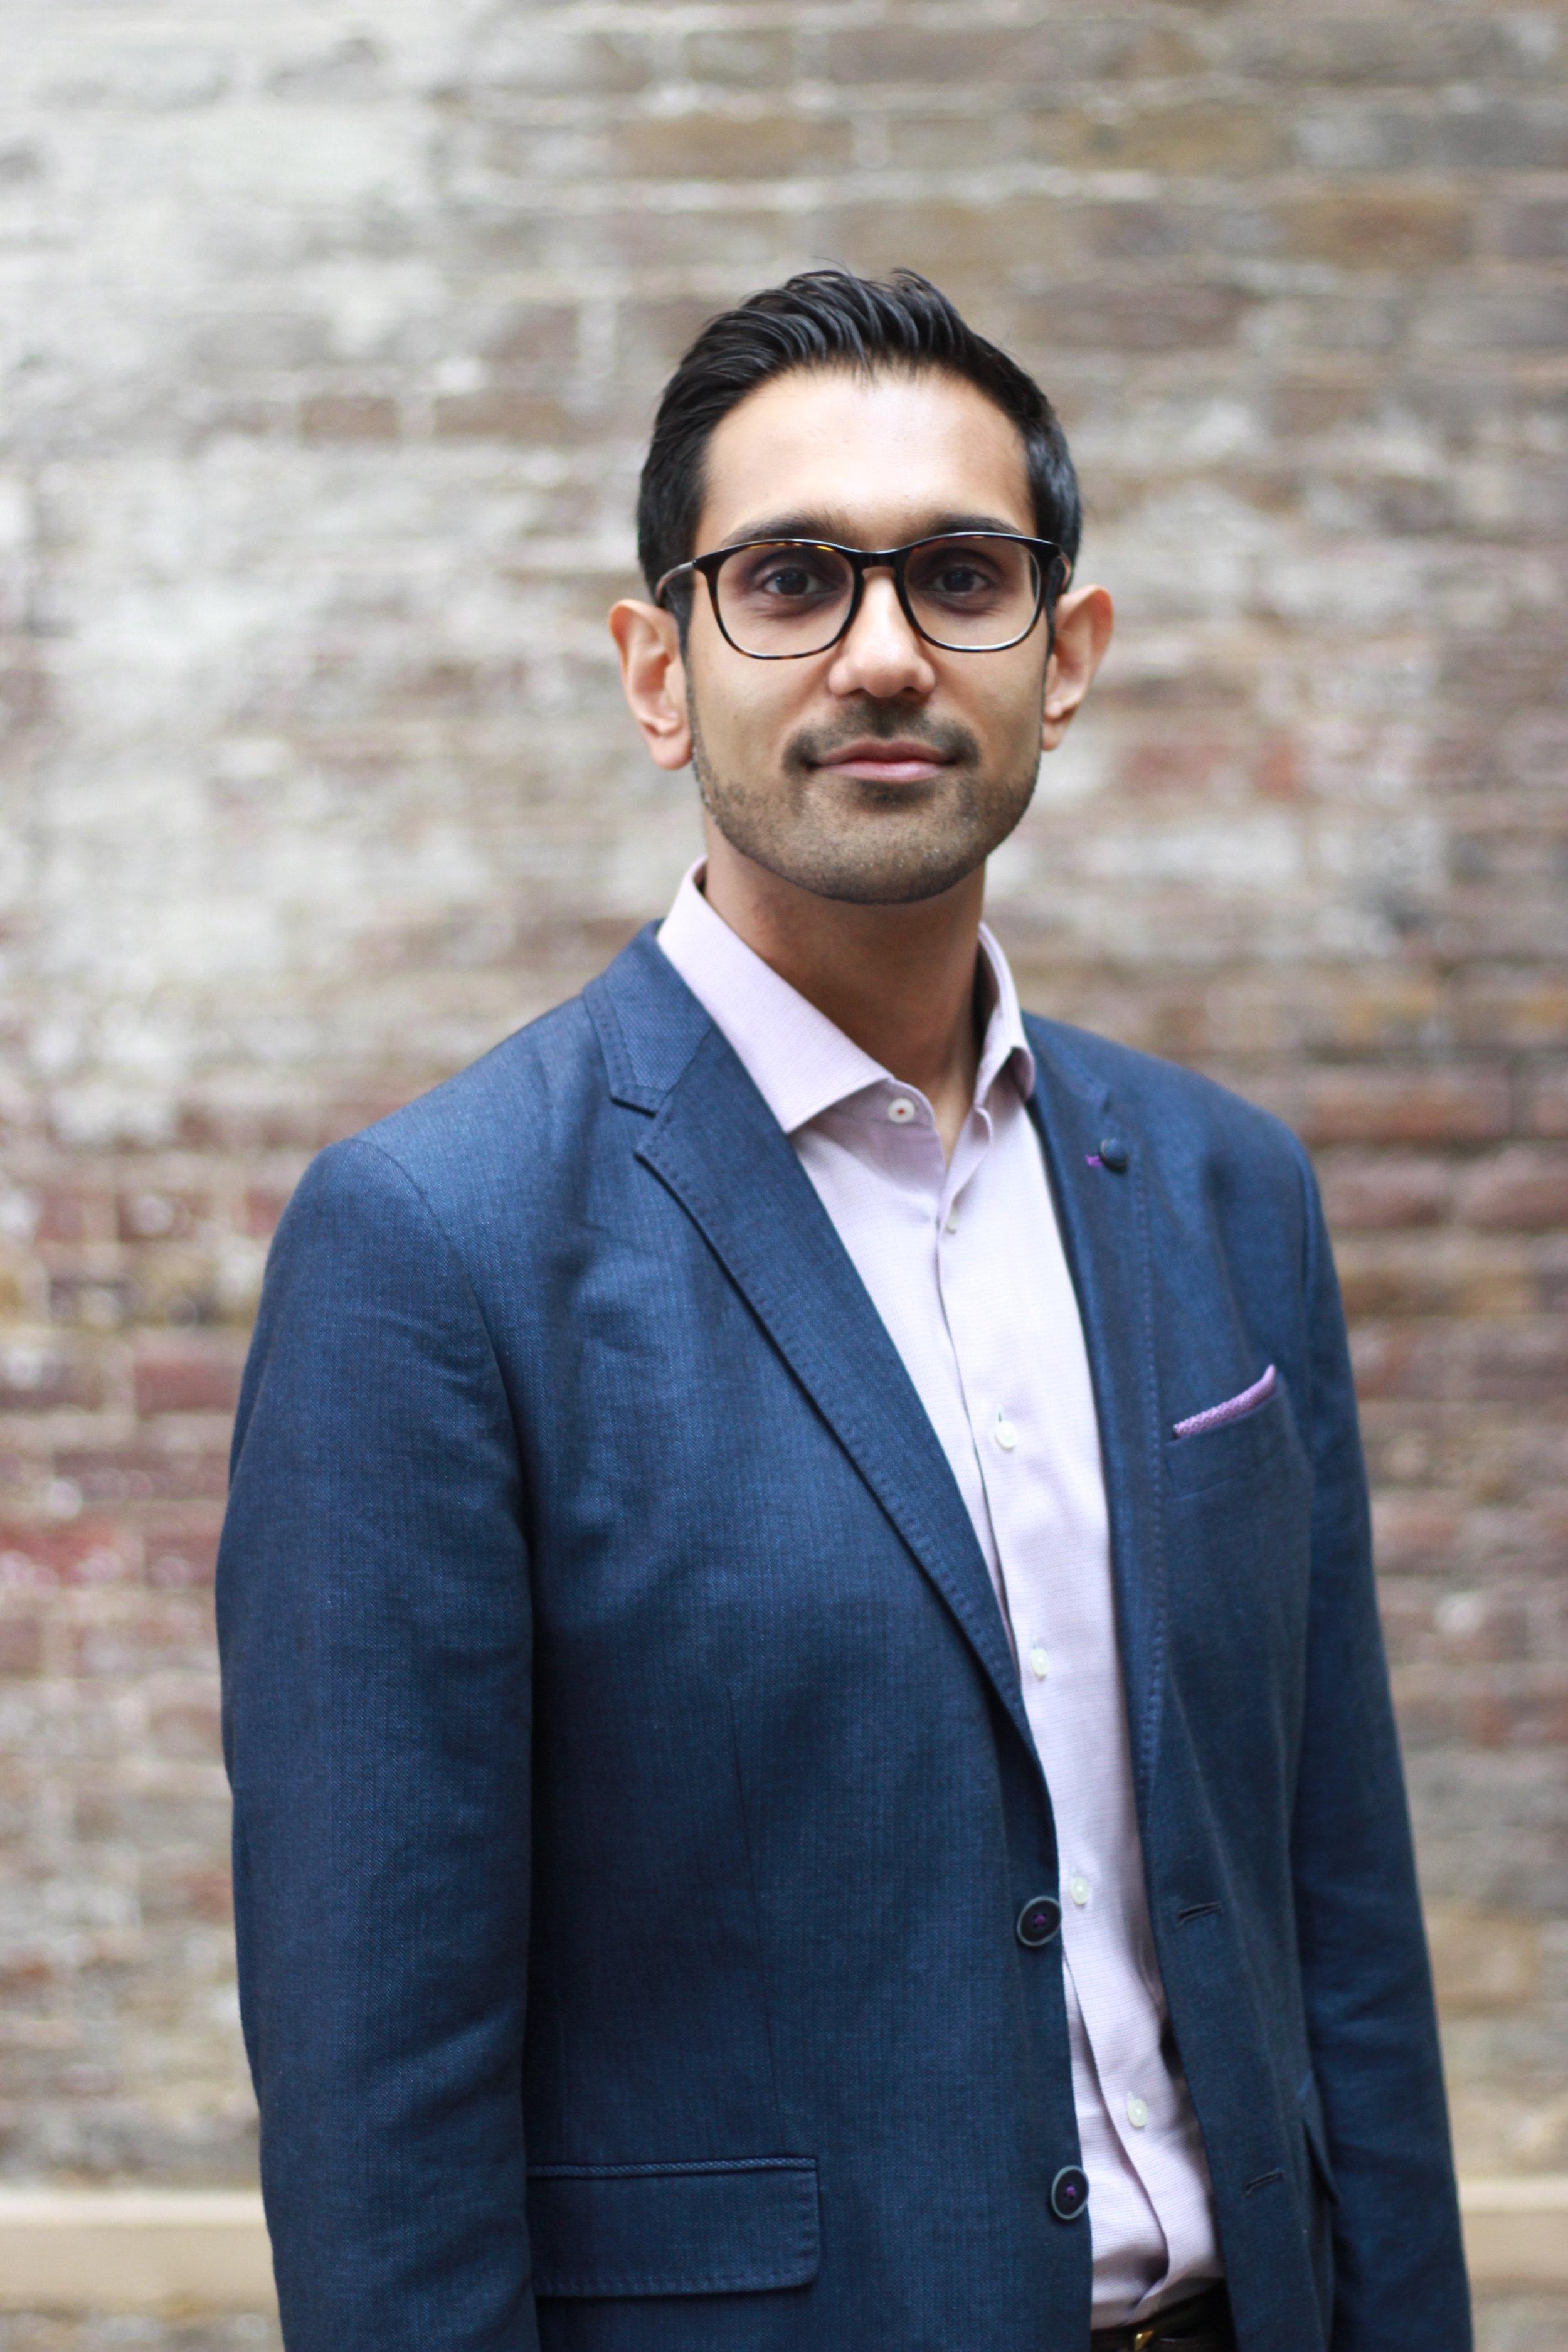 Kash Aslam